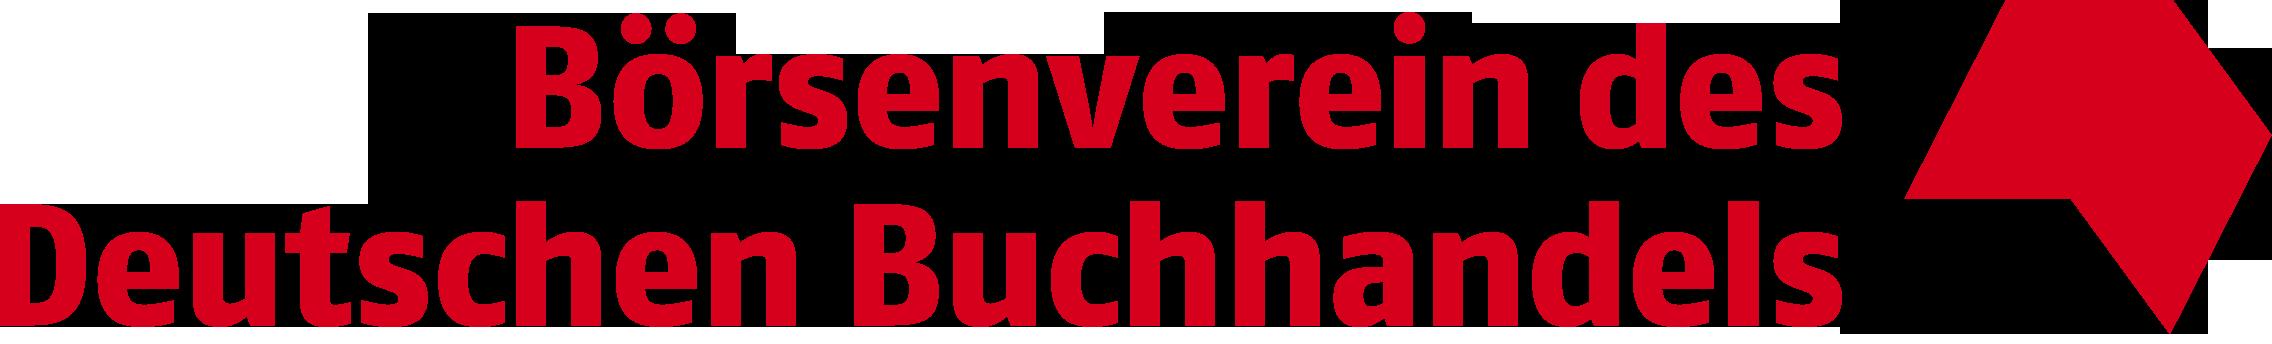 Börsenverin des Deutschen Buchhandels - Logo